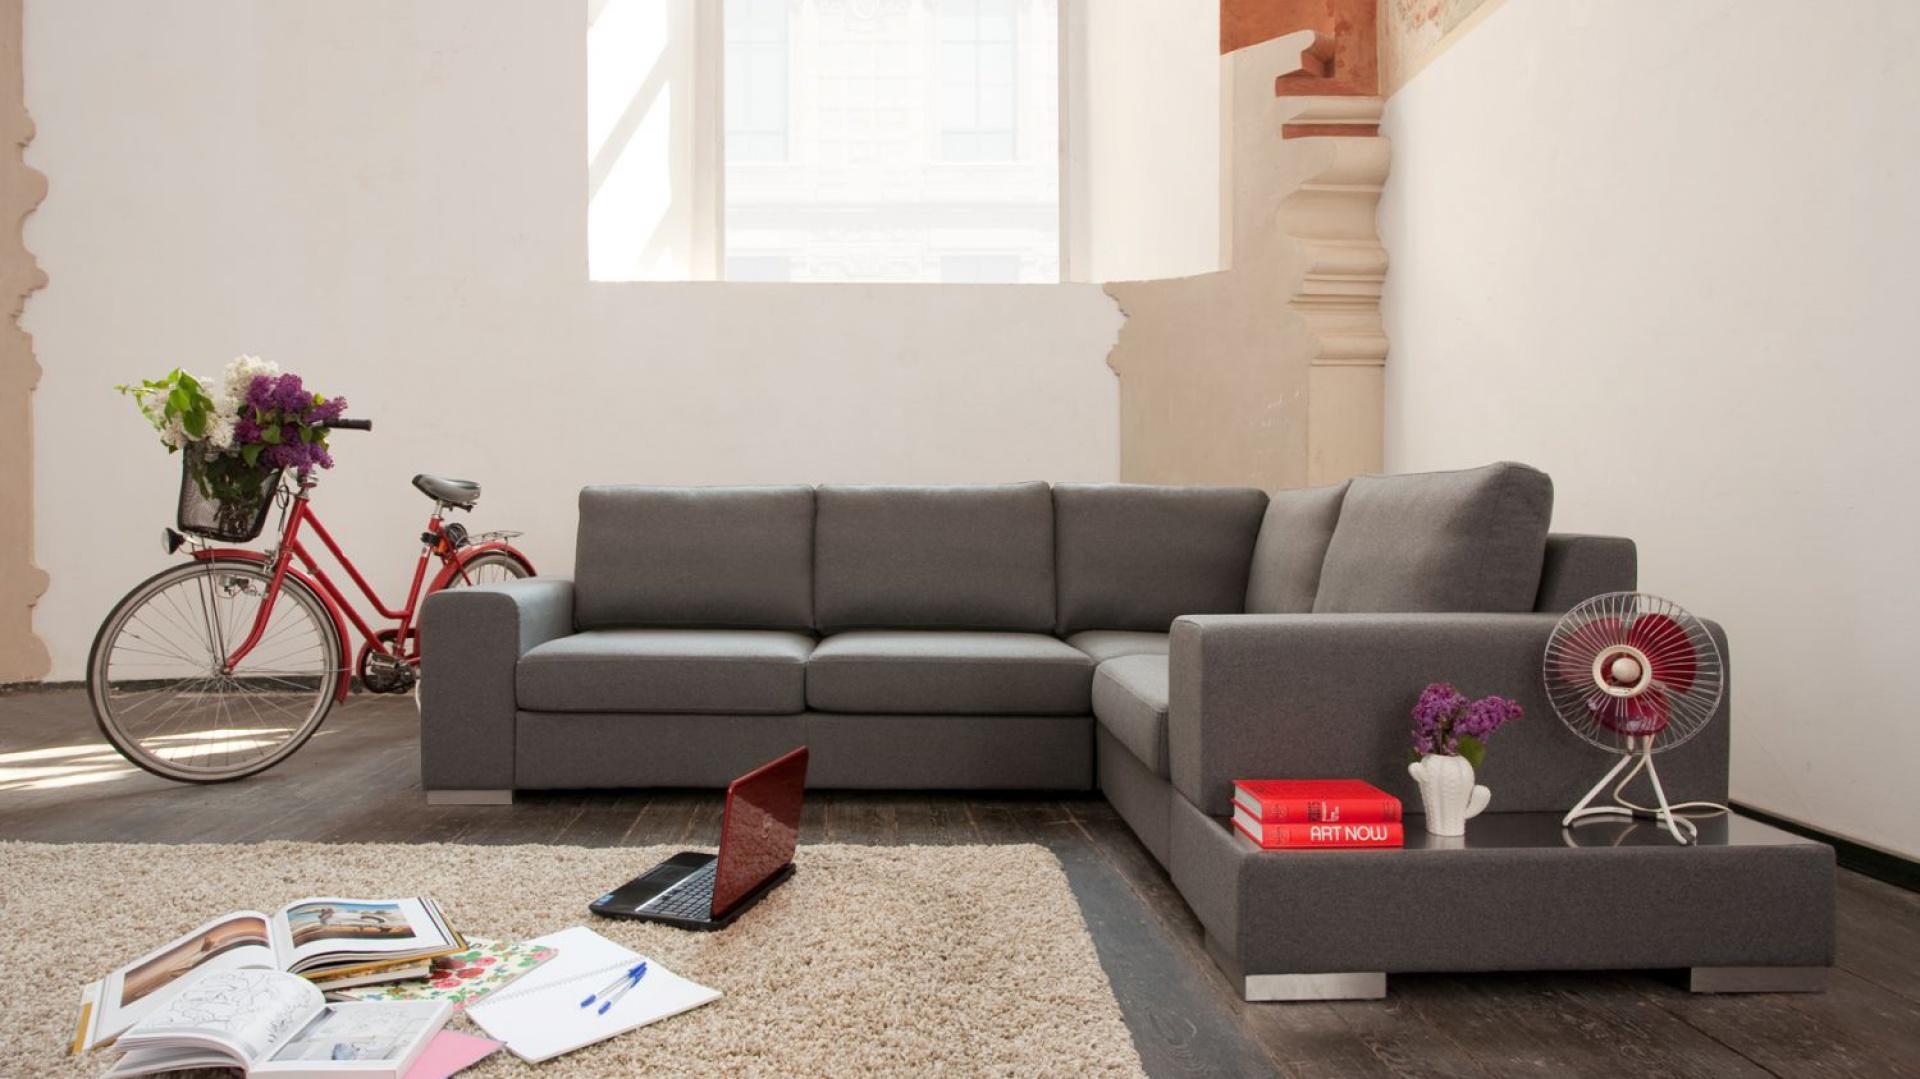 sofa narozna bizzarto fabric cleaner products trivio marki to w salonie modne aranżacje